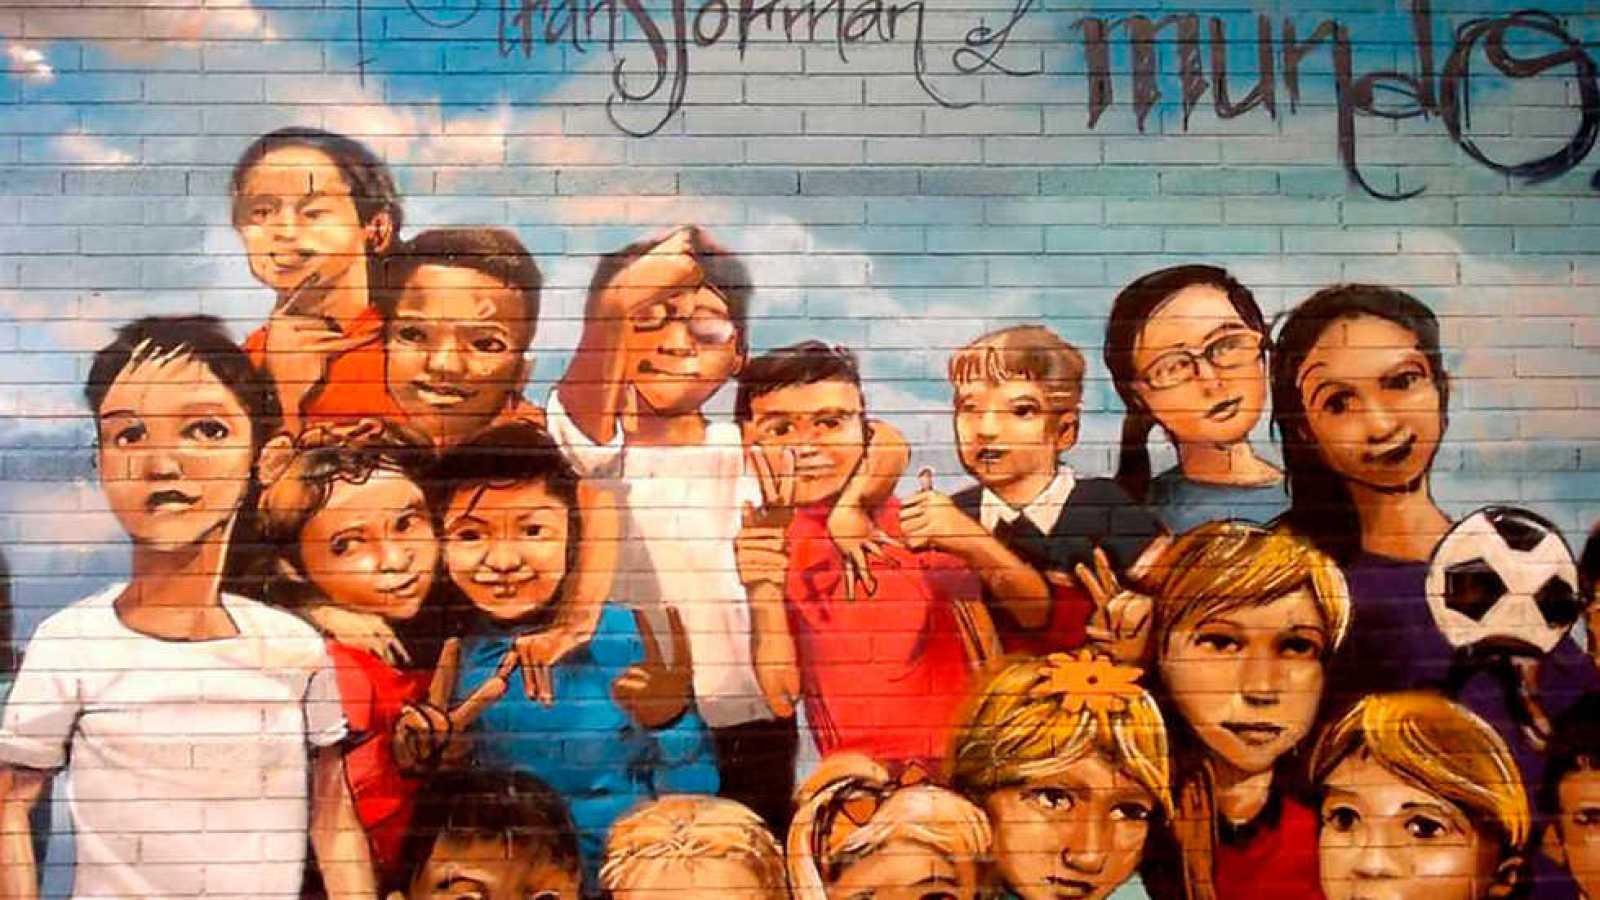 Metrópolis - South Graff. Pintando la voz del barrio - Ver ahora